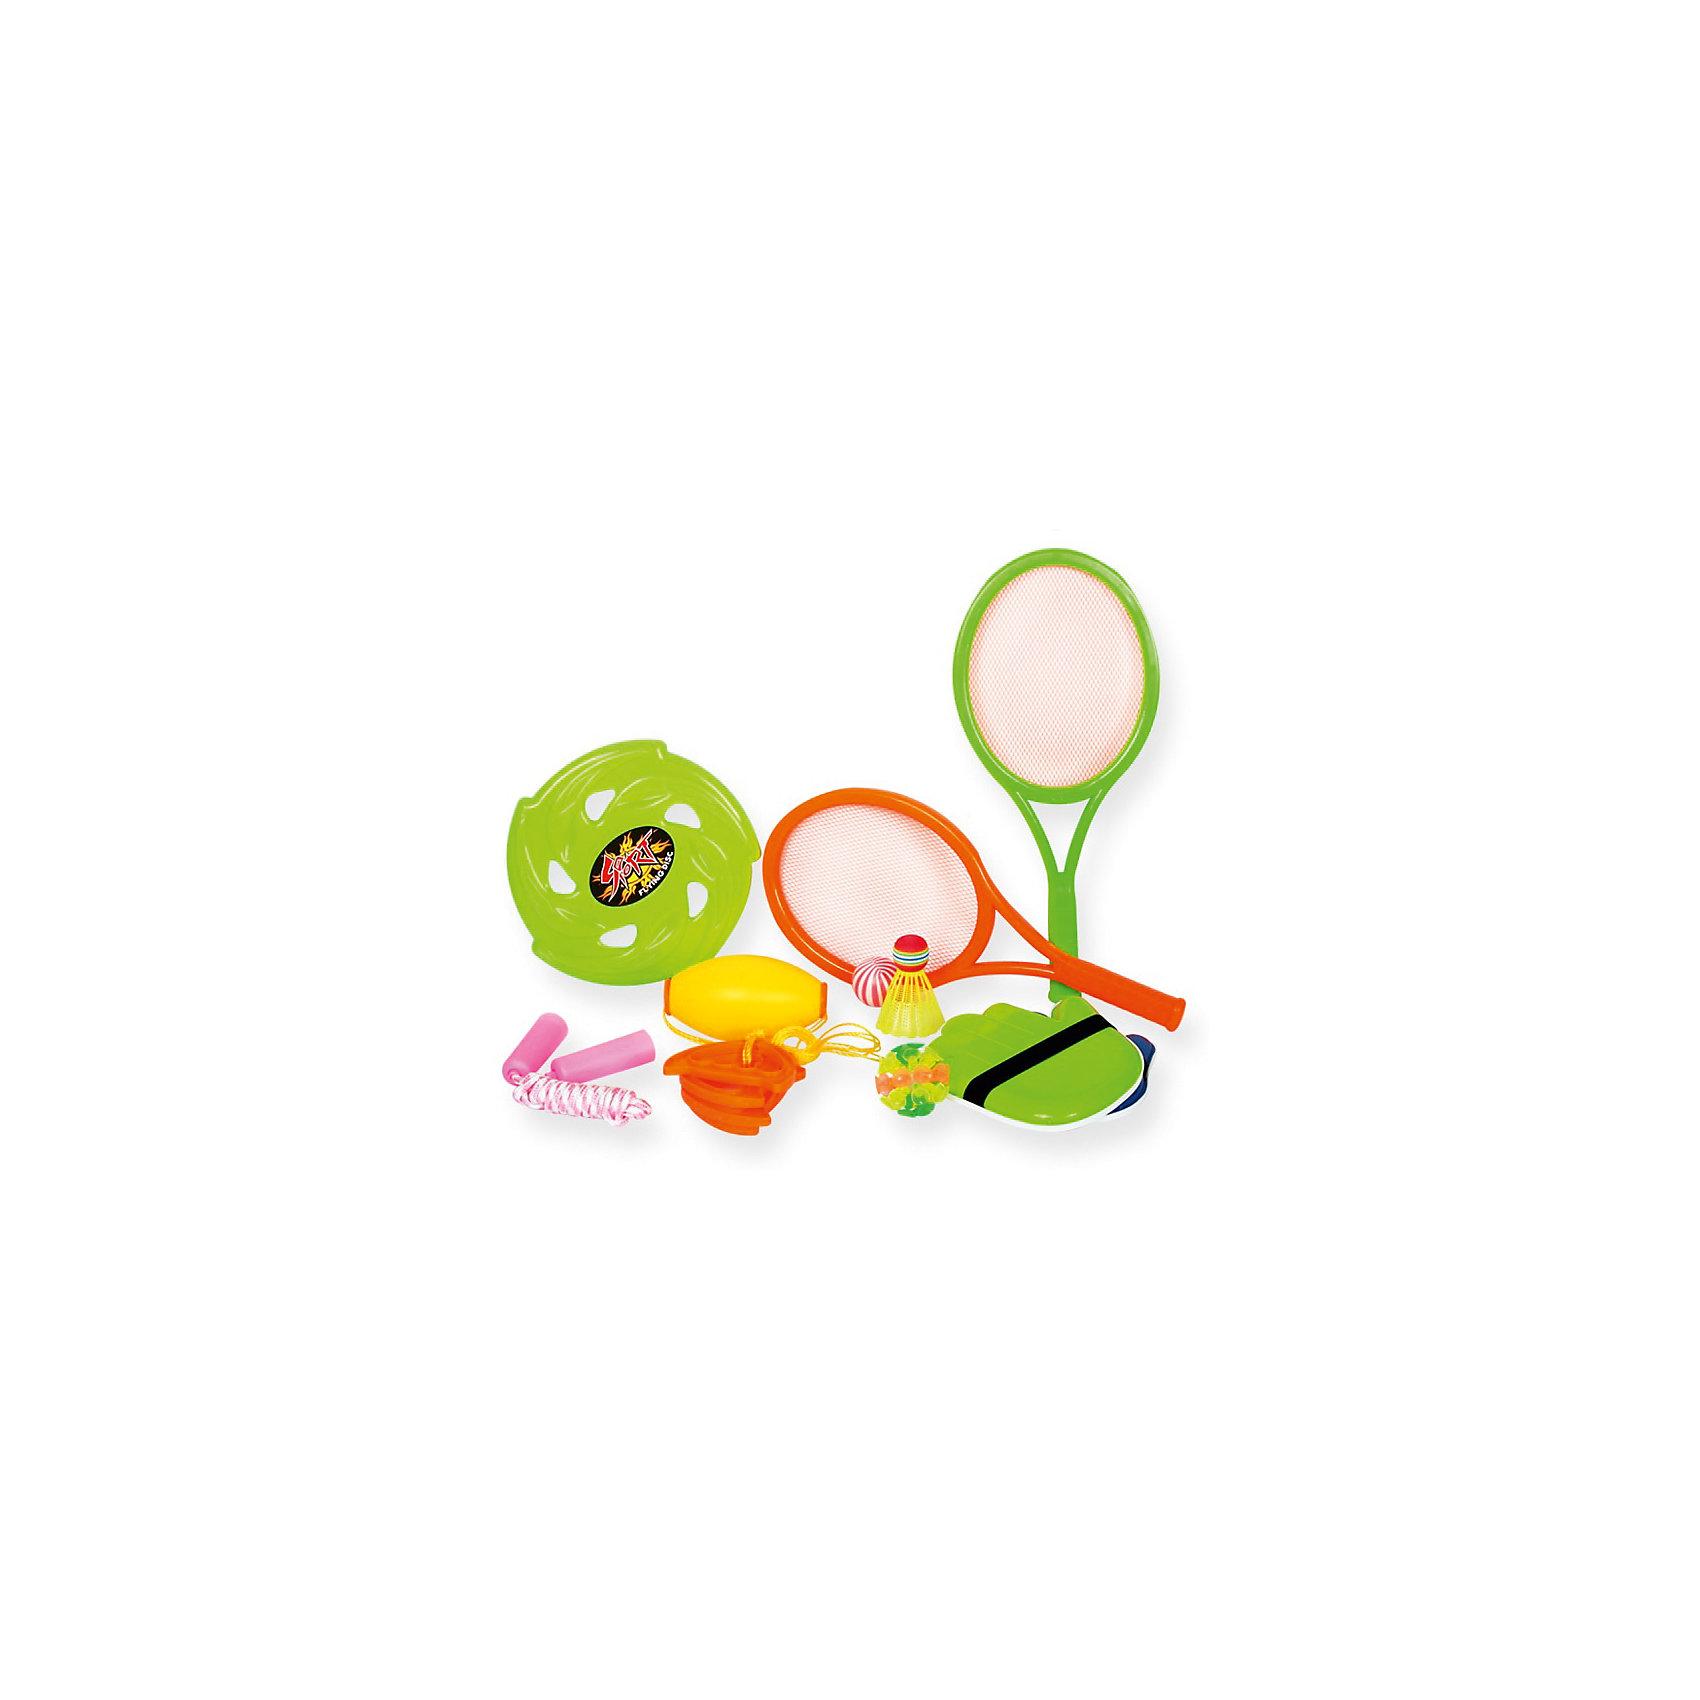 Игровой набор YG Sport 5 в 1, 10 предметов  в сумкеИгровые наборы<br>Характеристики товара:<br><br>• возраст: от 3 лет;<br>• материал: пластик;<br>• в комплекте: игра Гироскоп, волан, летающий диск, мяч, 2 ракетки, скакалка, мяч с липучками, 2 перчатки-липучки;<br>• размер упаковки: 41х25х11 см;<br>• вес упаковки: 475 гр.;<br>• страна производитель: Китай.<br><br>Игровой набор для детей «5 в 1» 10 предметов в сумке YG Sport — набор аксессуаров для активного летнего отдыха на свежем воздухе. Все предметы упакованы в удобную сумочку с ручкой и ремешками для комфортной переноски на спине. <br><br>Игровой набор для детей «5 в 1» 10 предметов в сумке YG Sport можно приобрести в нашем интернет-магазине.<br><br>Ширина мм: 250<br>Глубина мм: 110<br>Высота мм: 410<br>Вес г: 475<br>Возраст от месяцев: 36<br>Возраст до месяцев: 2147483647<br>Пол: Унисекс<br>Возраст: Детский<br>SKU: 6674855